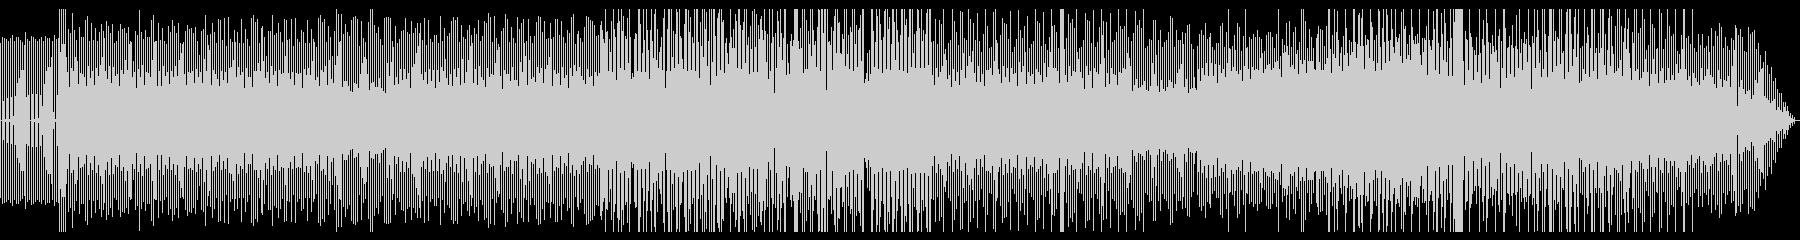 シンプルな4つ打ち系バックミュージックの未再生の波形